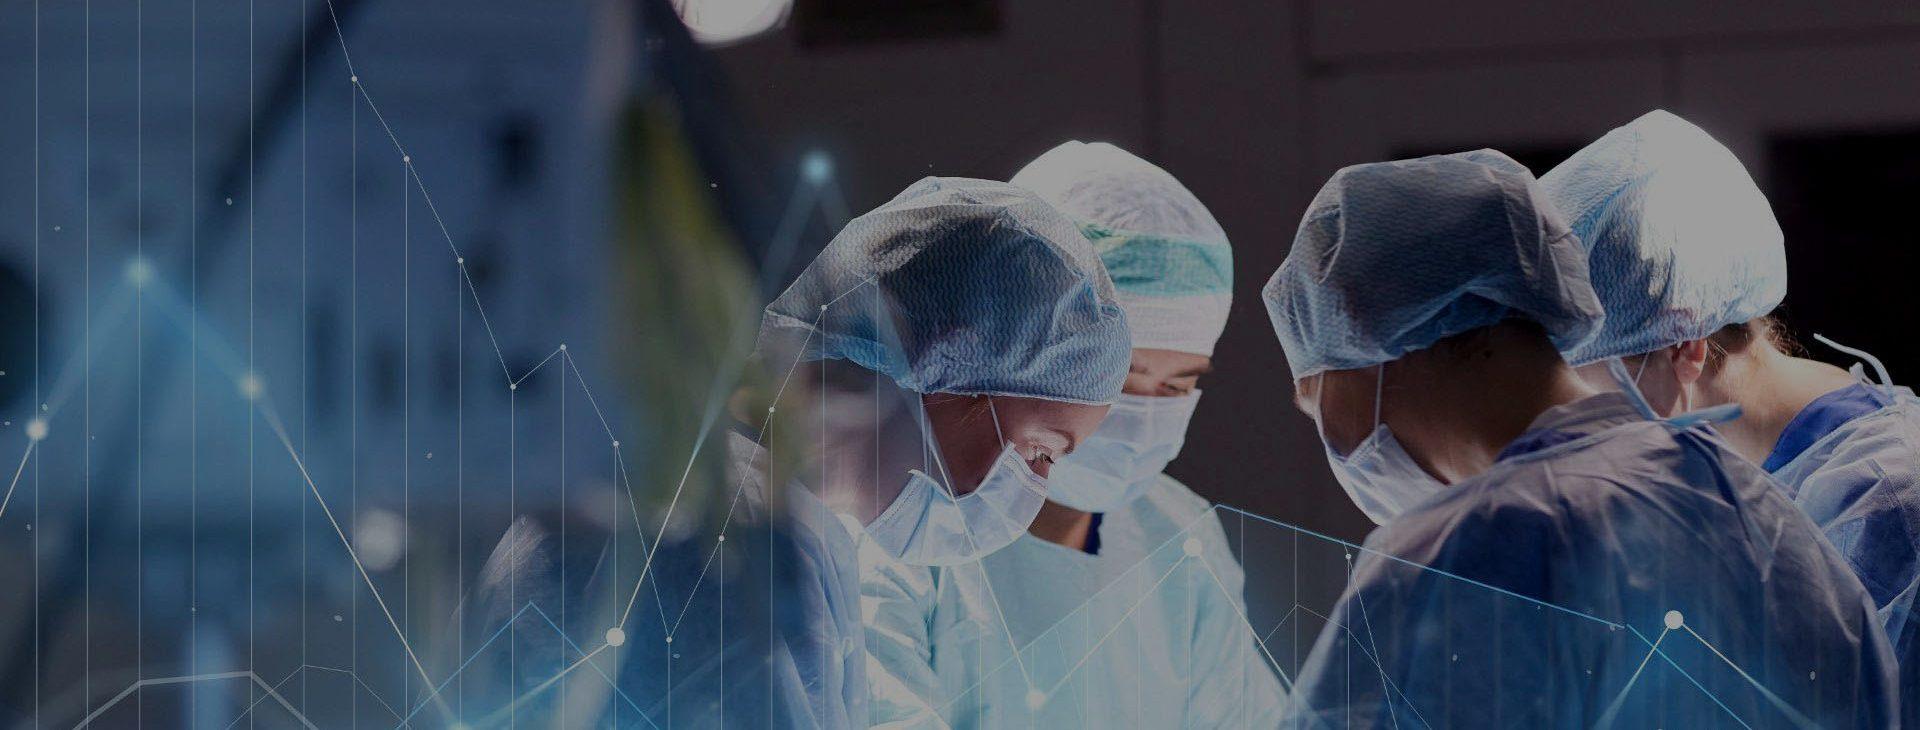 Πρόγραμμα Μεταπτυχιακών Σπουδών<br /> Ελάχιστα Επεμβατική Χειρουργική<br /> Ρομποτική Χειρουργική και Τηλεχειρουργική